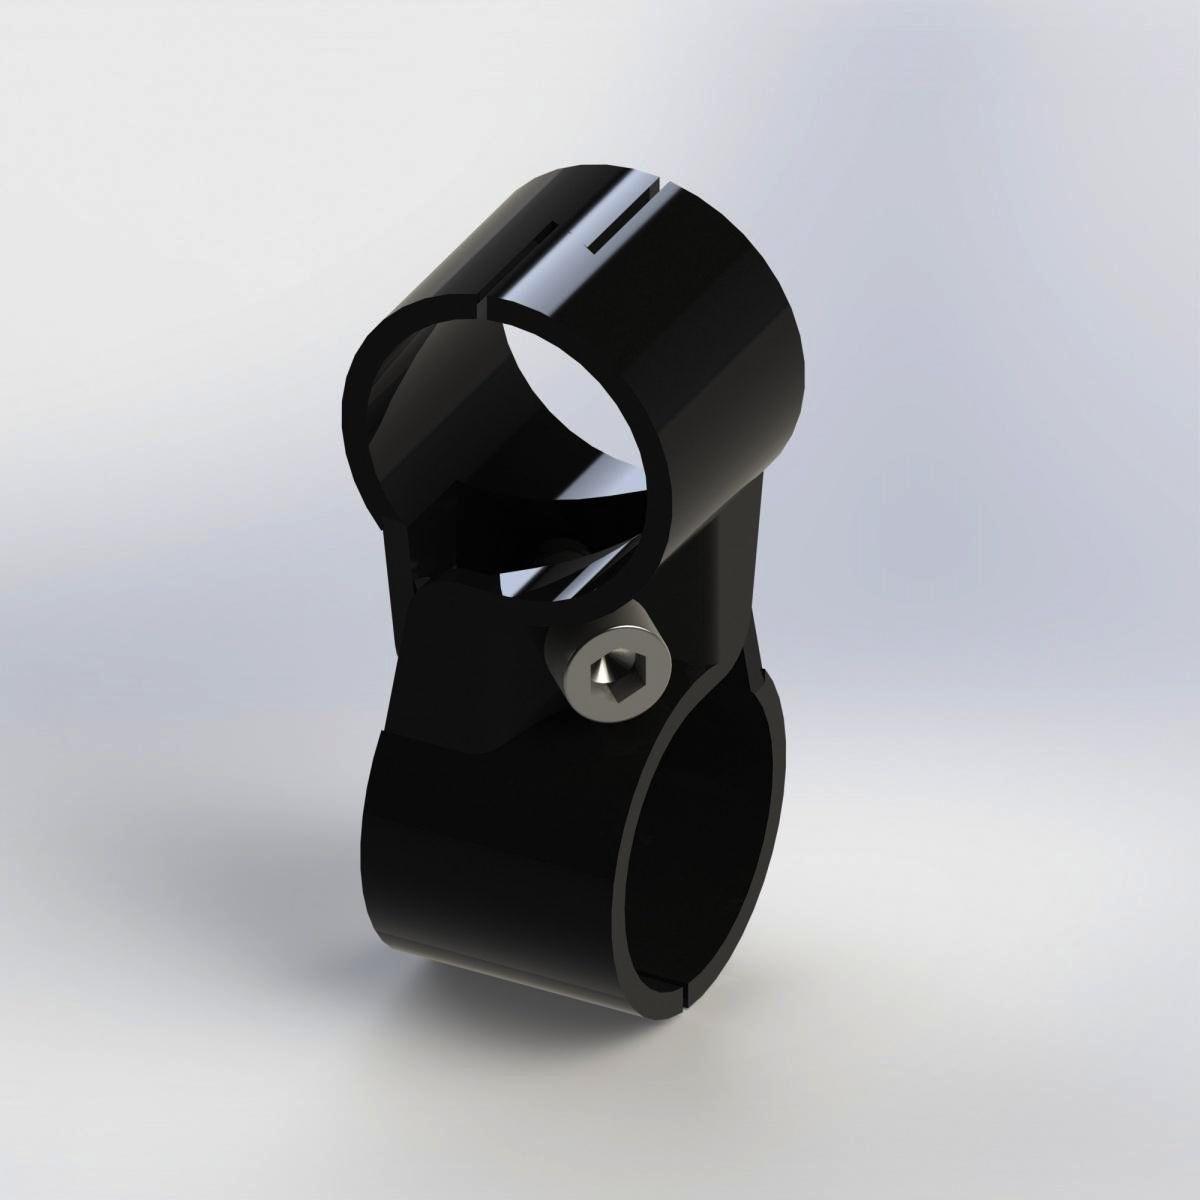 jual hj-6 metal joint set murah berkualitas, pipe joint distributor jakarta